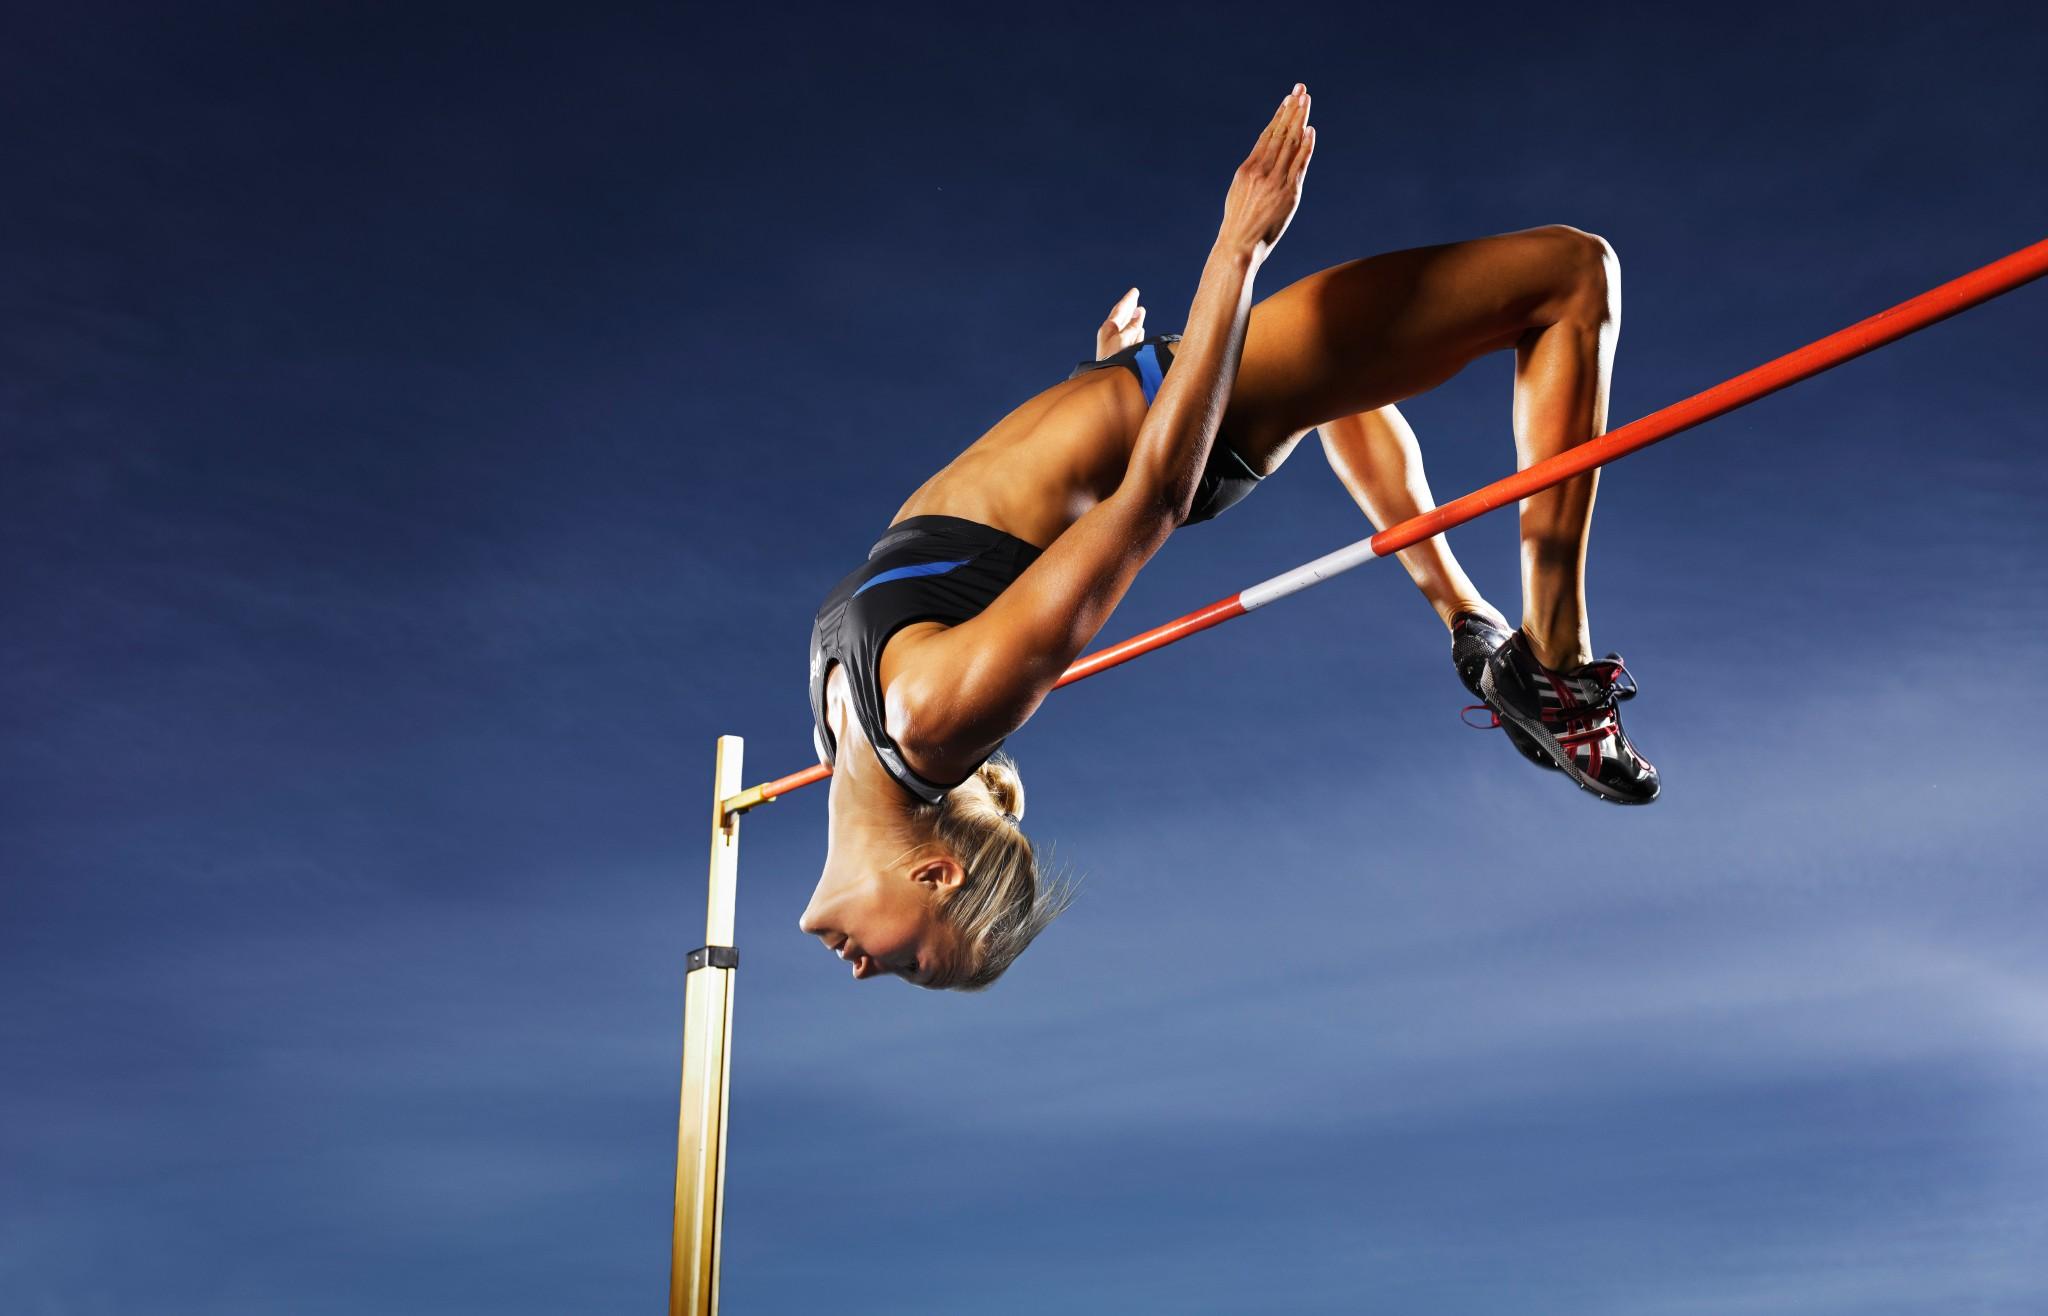 помогут фото прыжки в высоту красивые прошла многочисленные